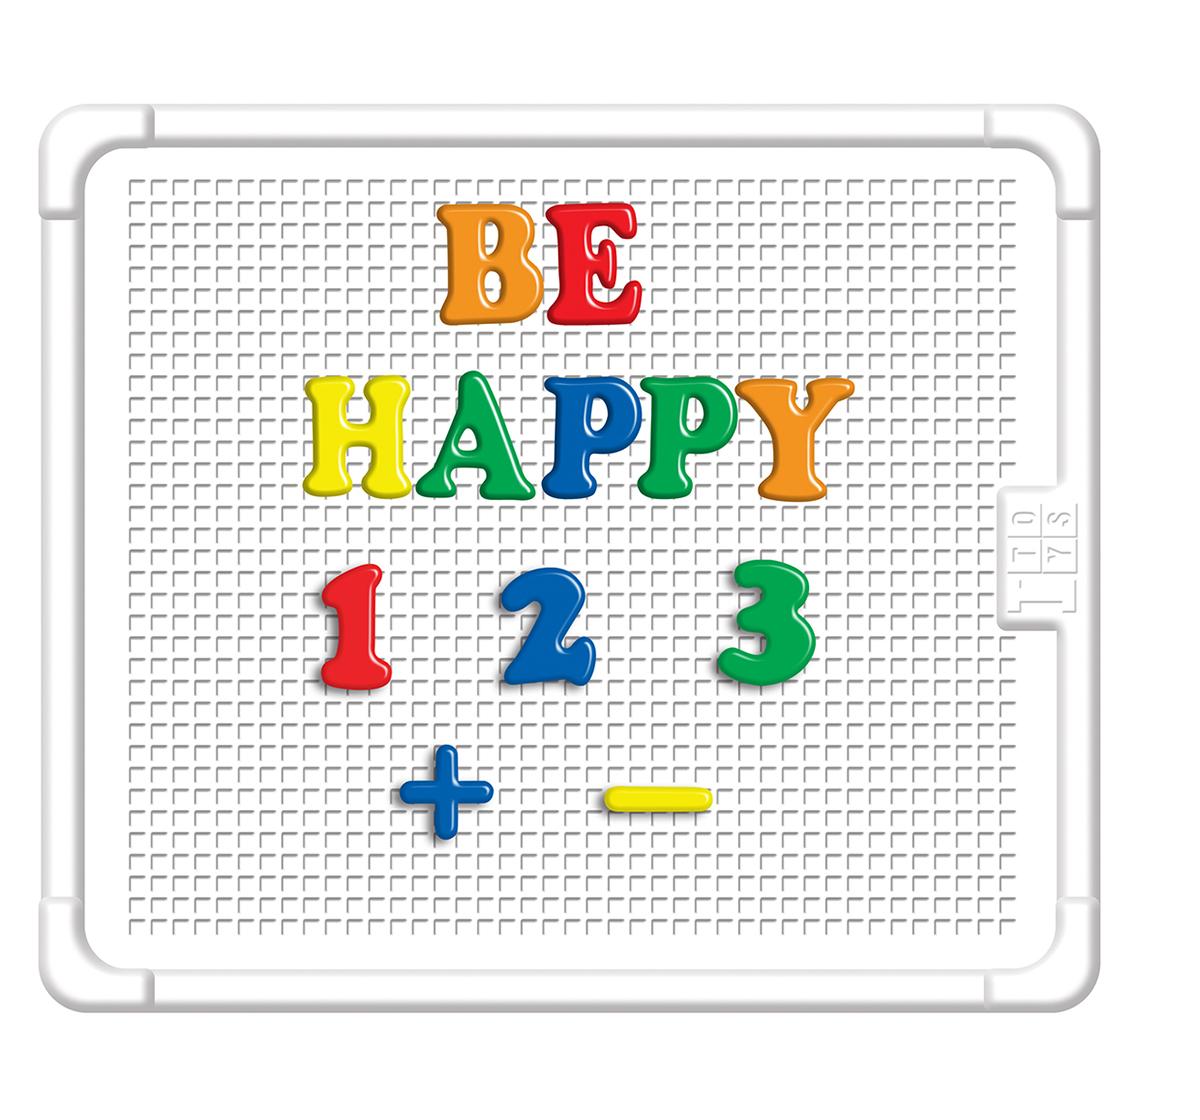 Itoys | I Toys Edu Wonder Big Alphabet & Number Board for kids, 3Y+